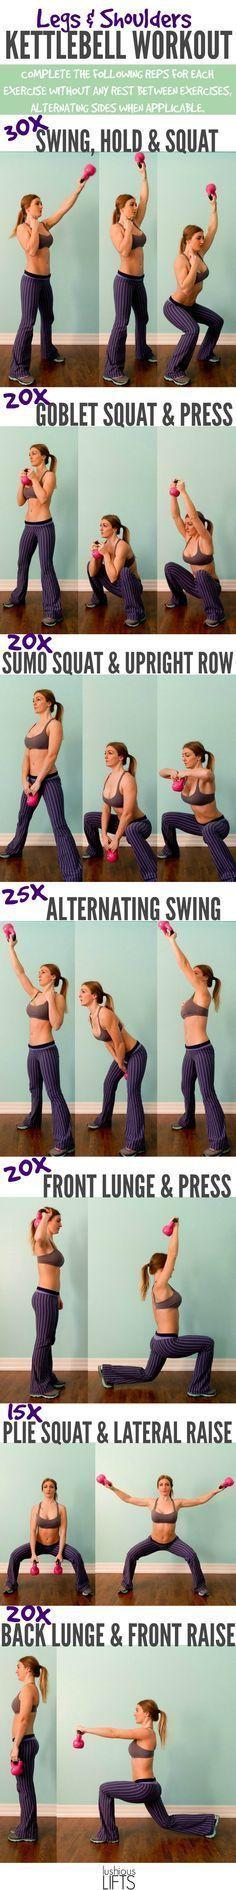 Legs and Shoulders Kettlebell Workout    Lushious Lifts https://www.kettlebellmaniac.com/kettlebell-exercises/ https://www.kettlebellmaniac.com/